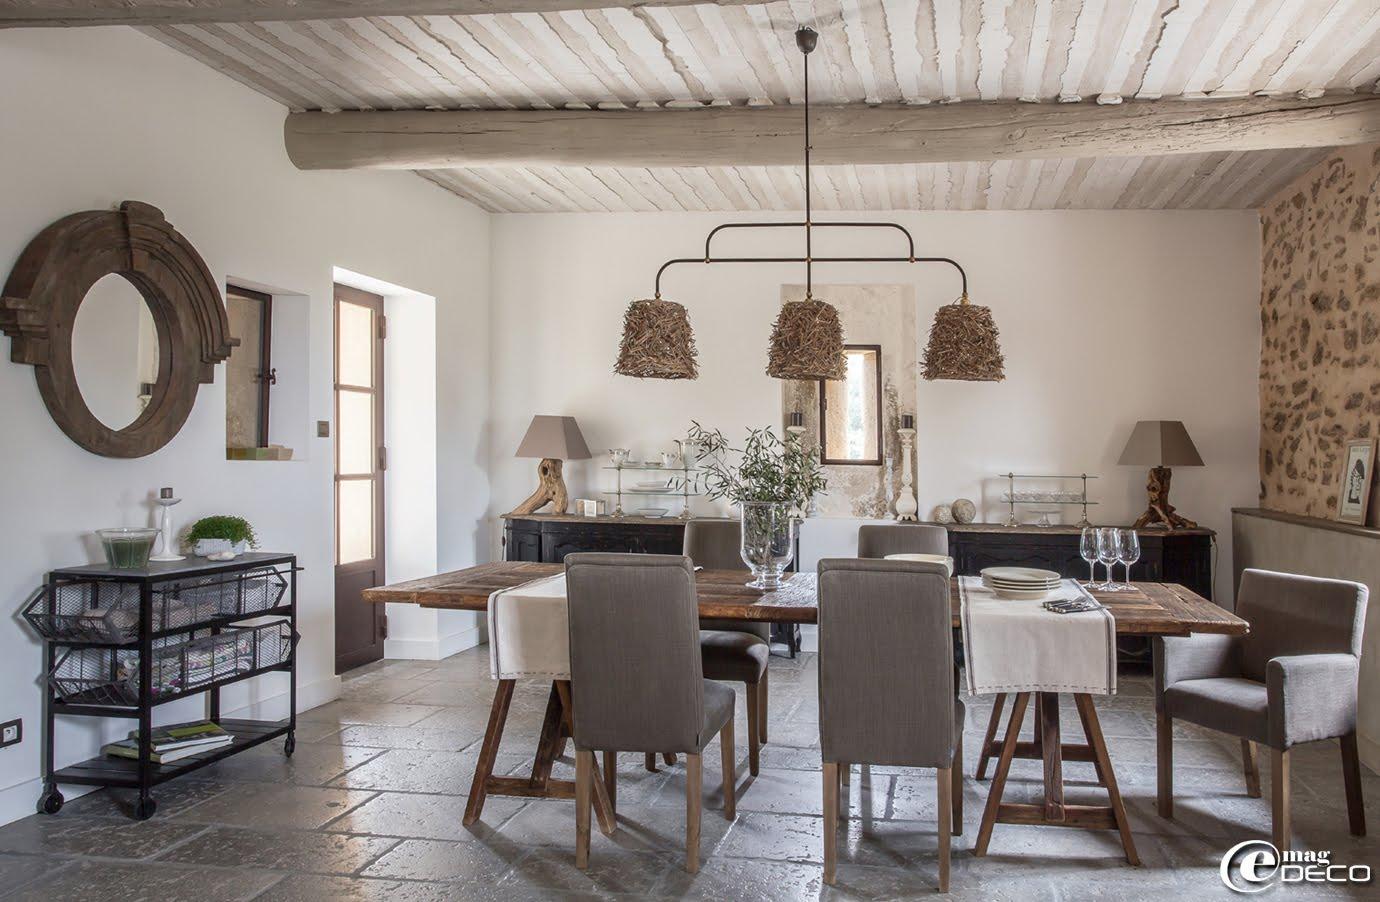 Maison Du Monde Chaise Salle A Manger Idee Pour Cuisine